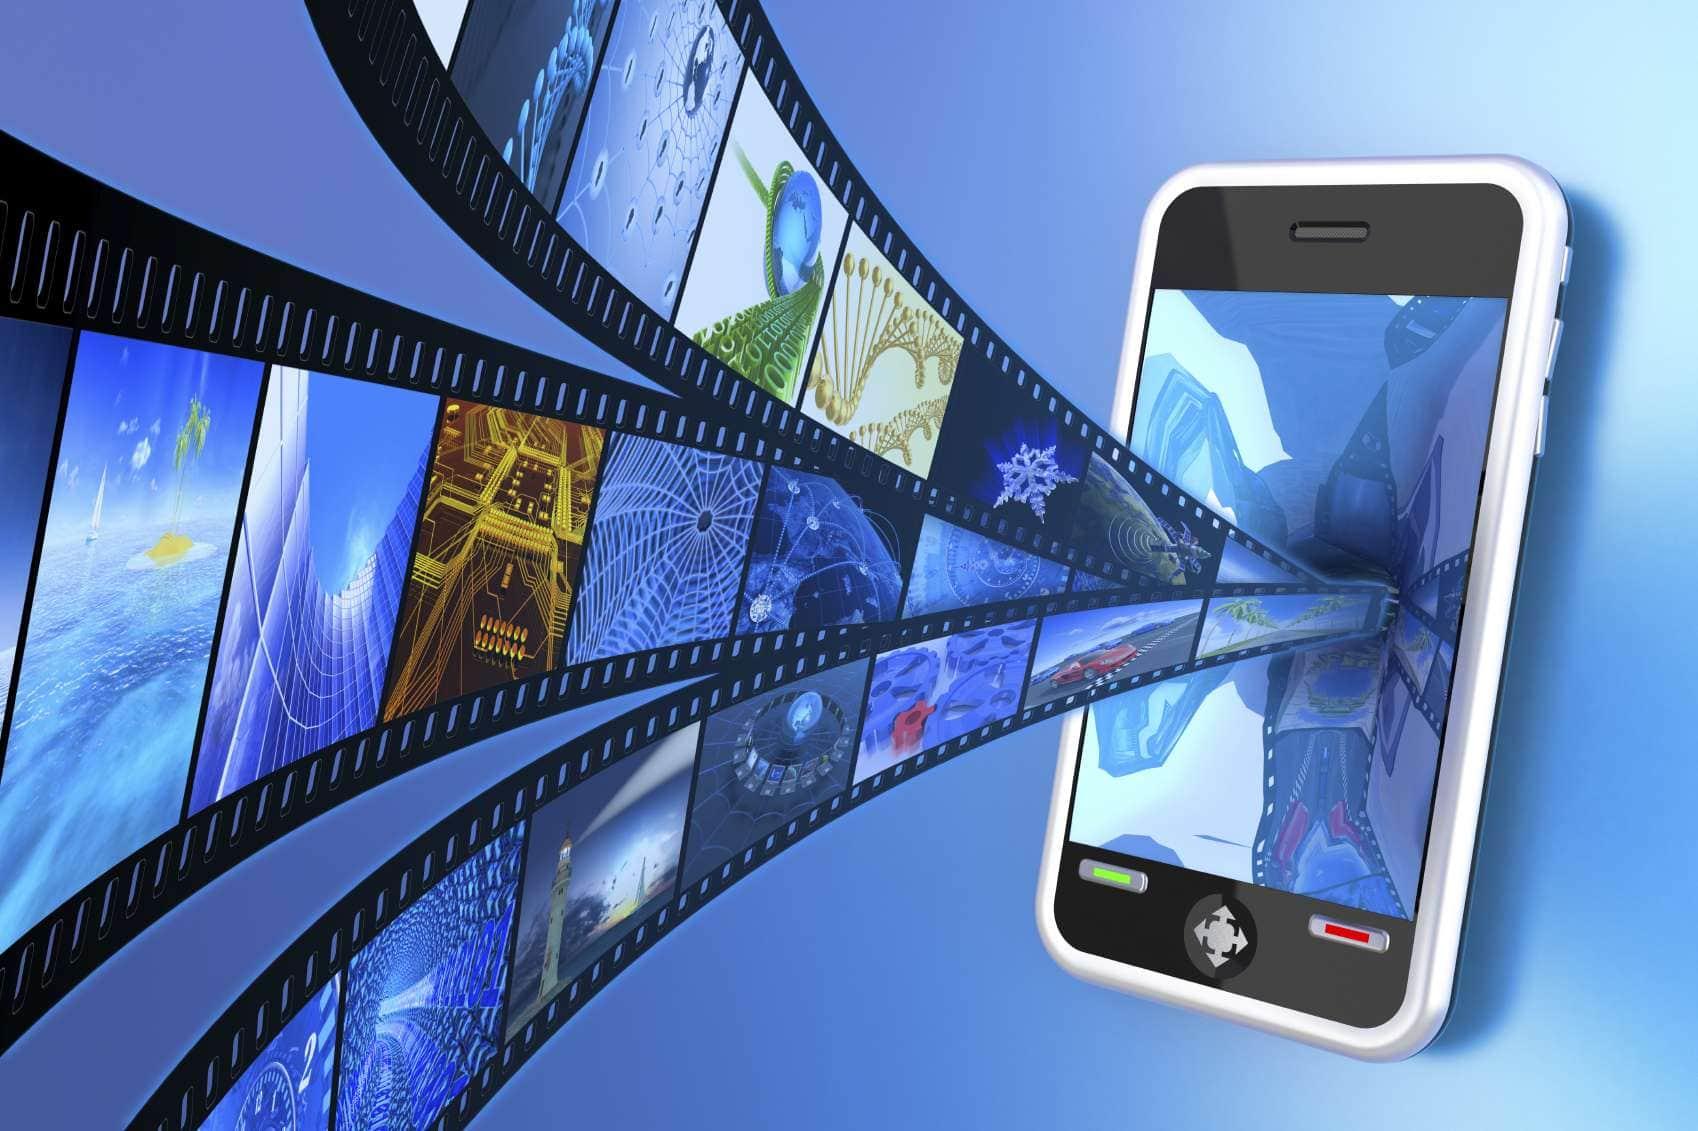 Мобильный трафик-прогноз роста до 2019 года